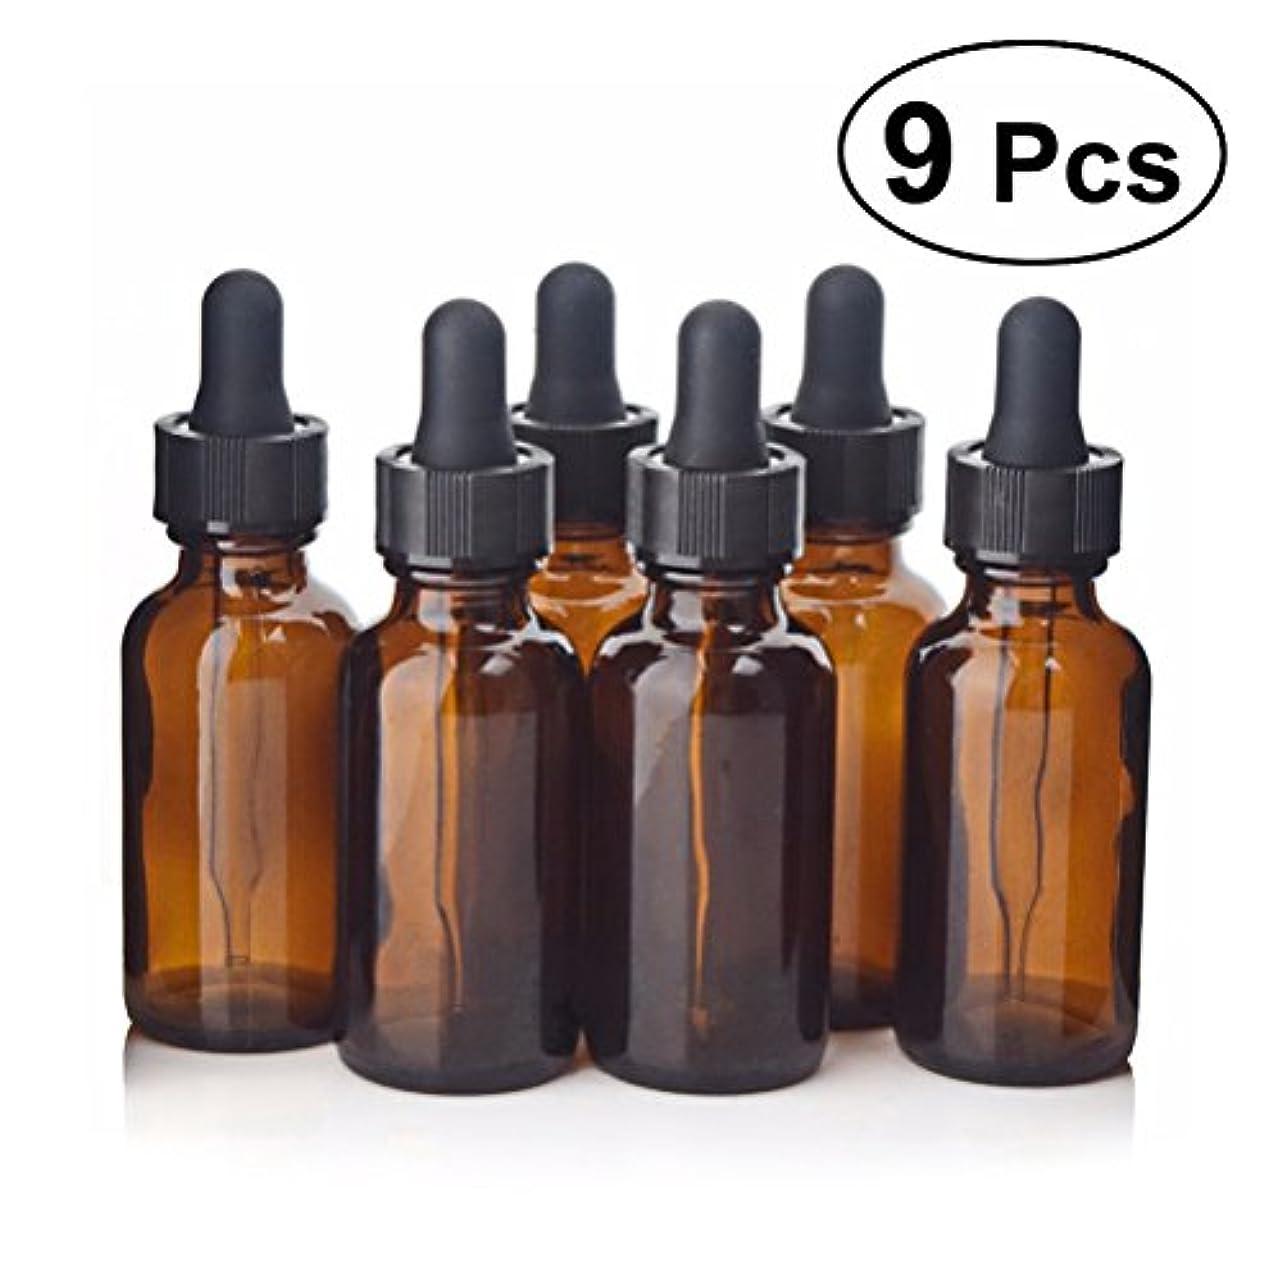 立ち寄る不正確一般的にFrcolor スポイト遮光瓶 エッセンシャルオイル 香水 保存用 9個入り  30 ml